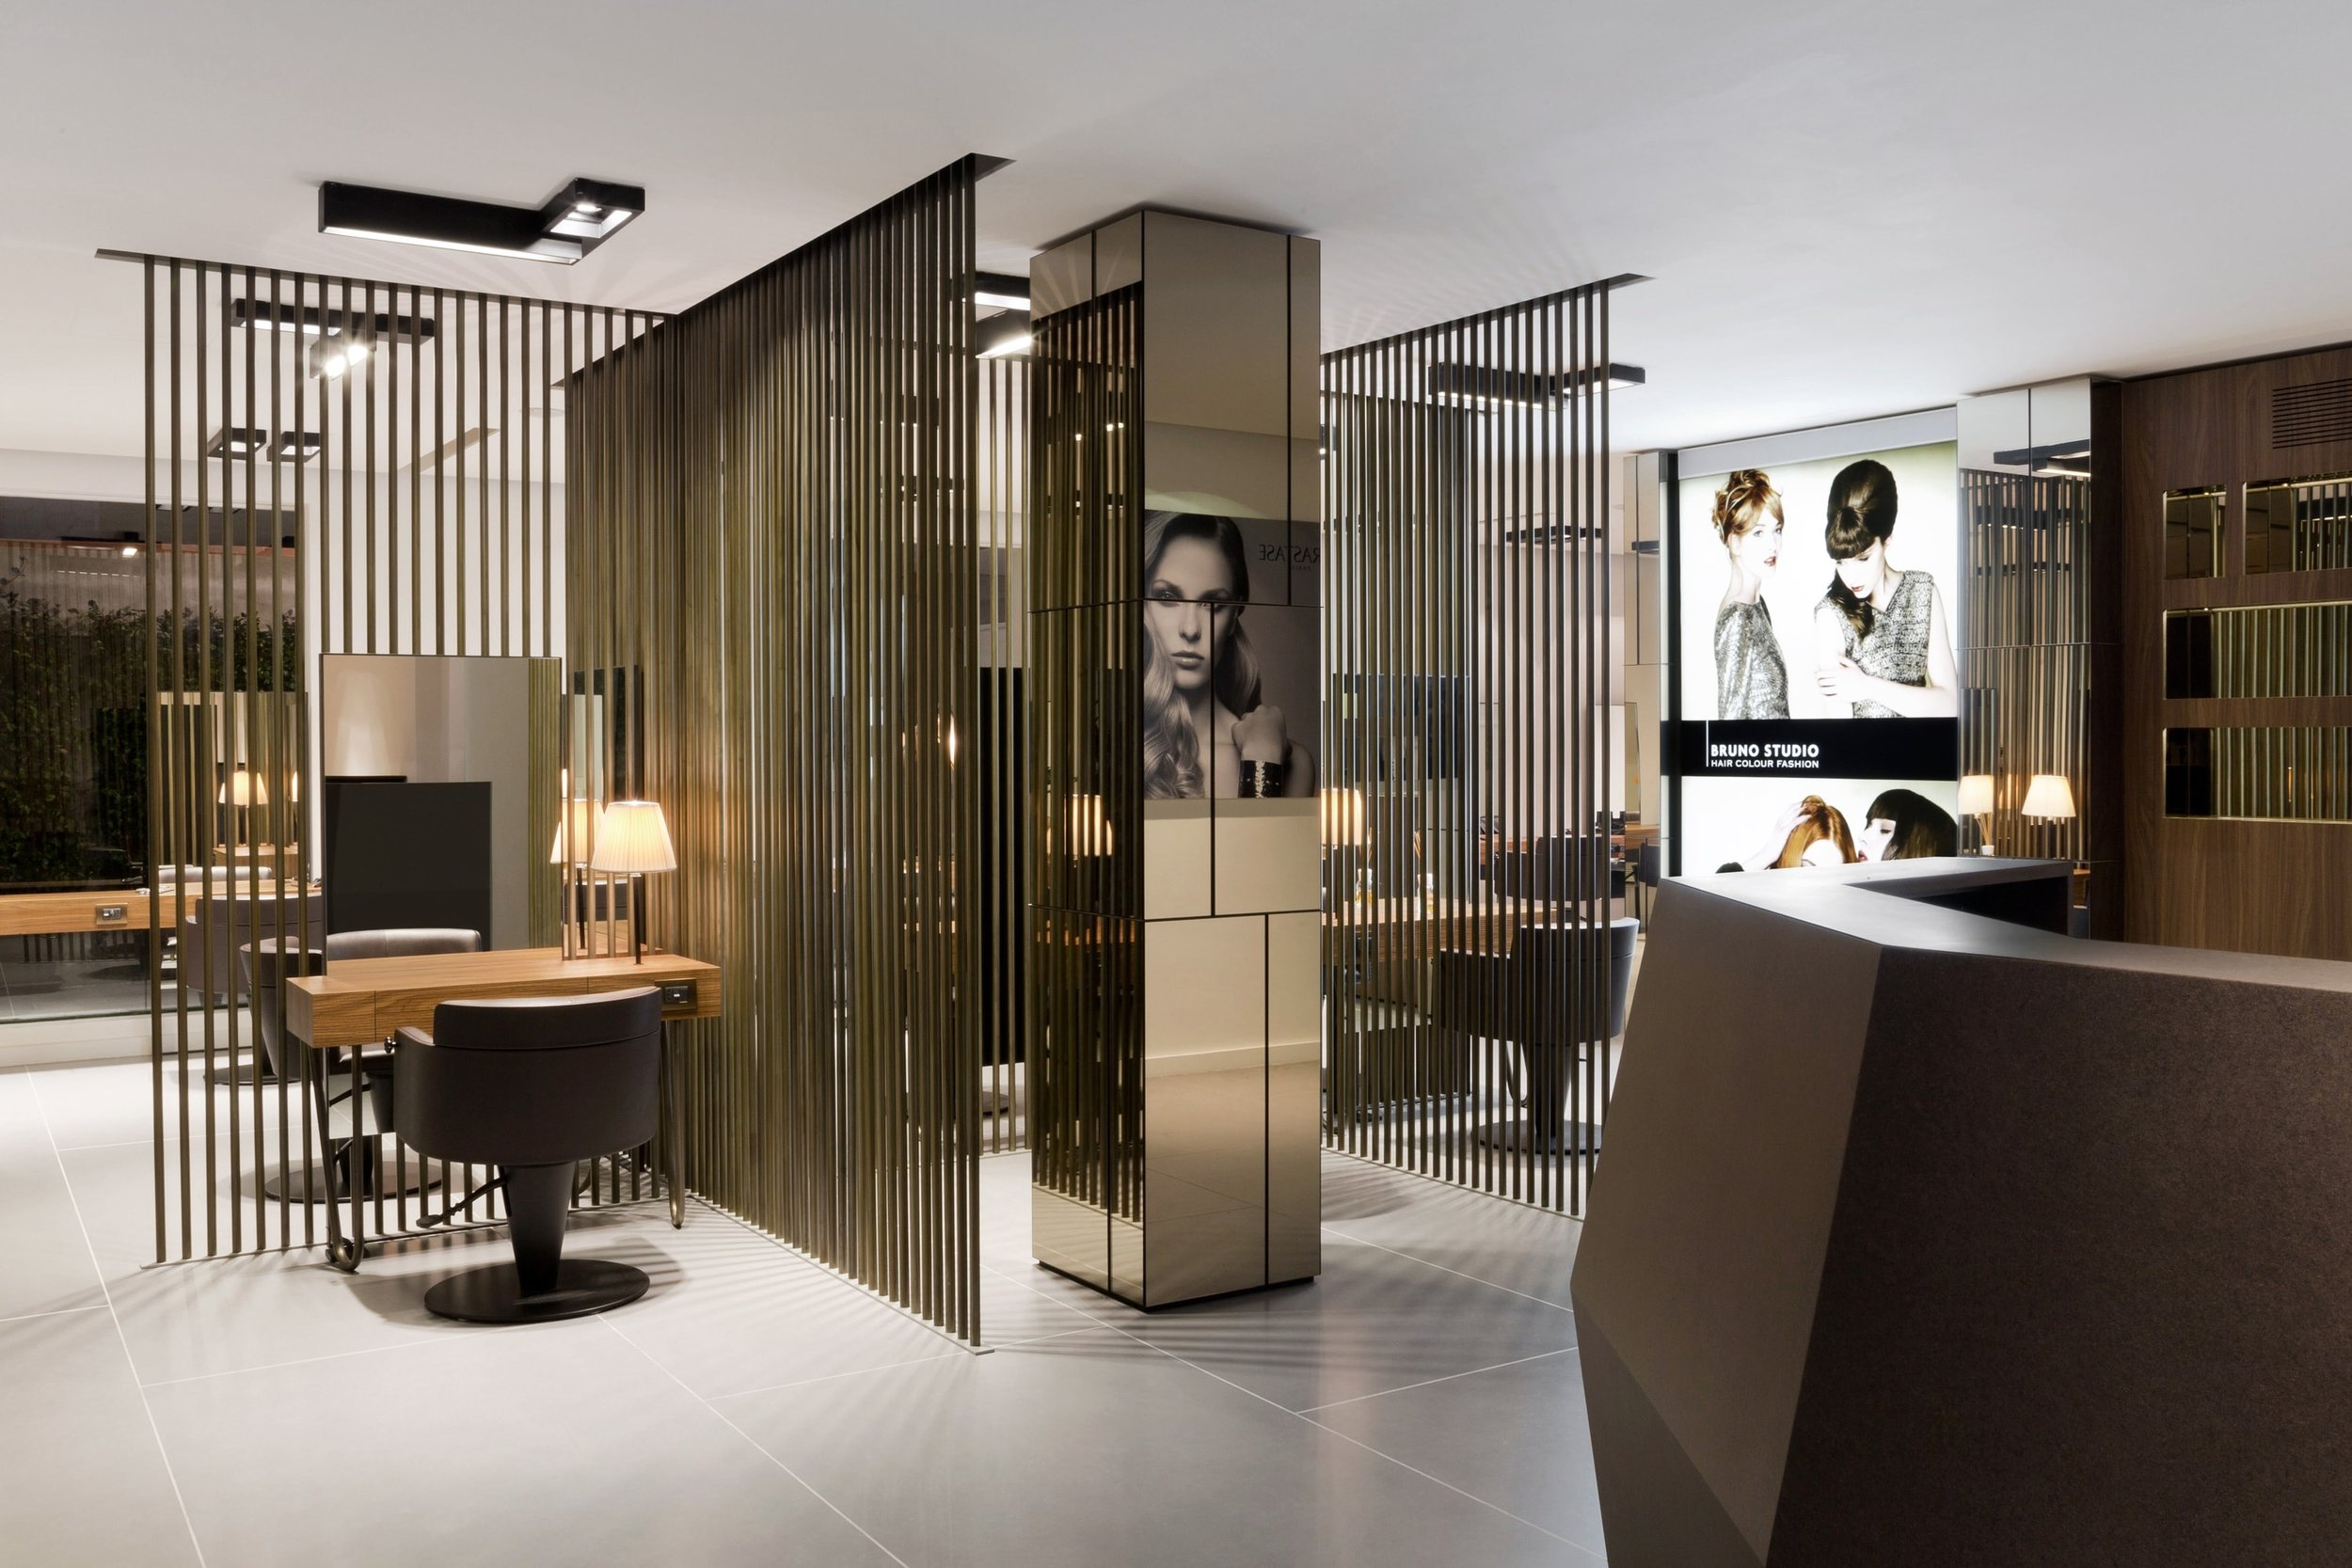 FabioBurrelliPhotography_Architecture_Interior_Salon_Web_5.jpg